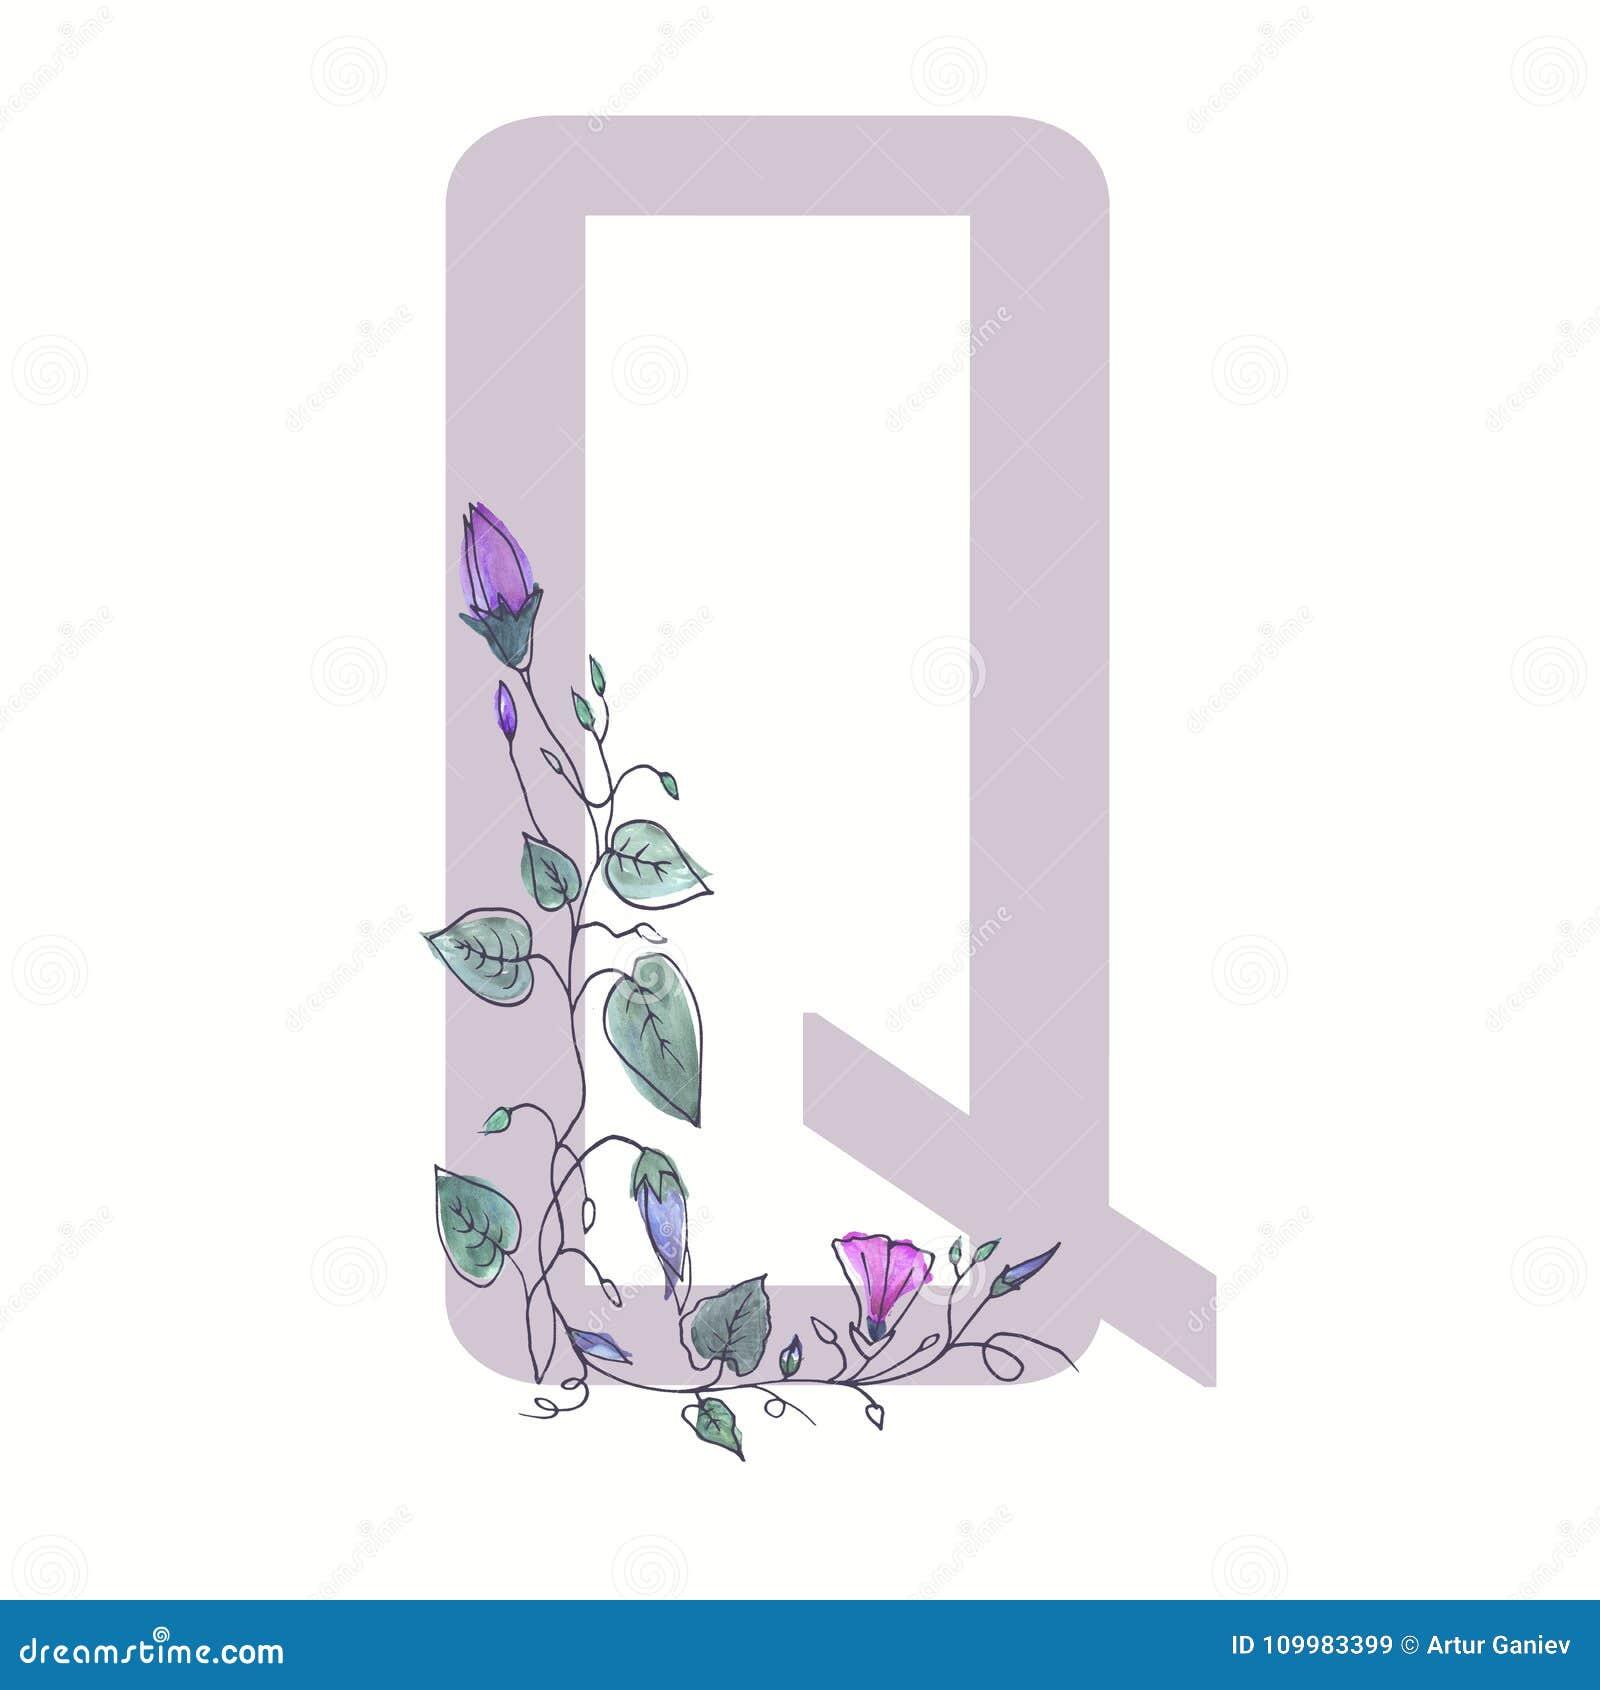 La mayúscula del alfabeto se adorna con flo rizado